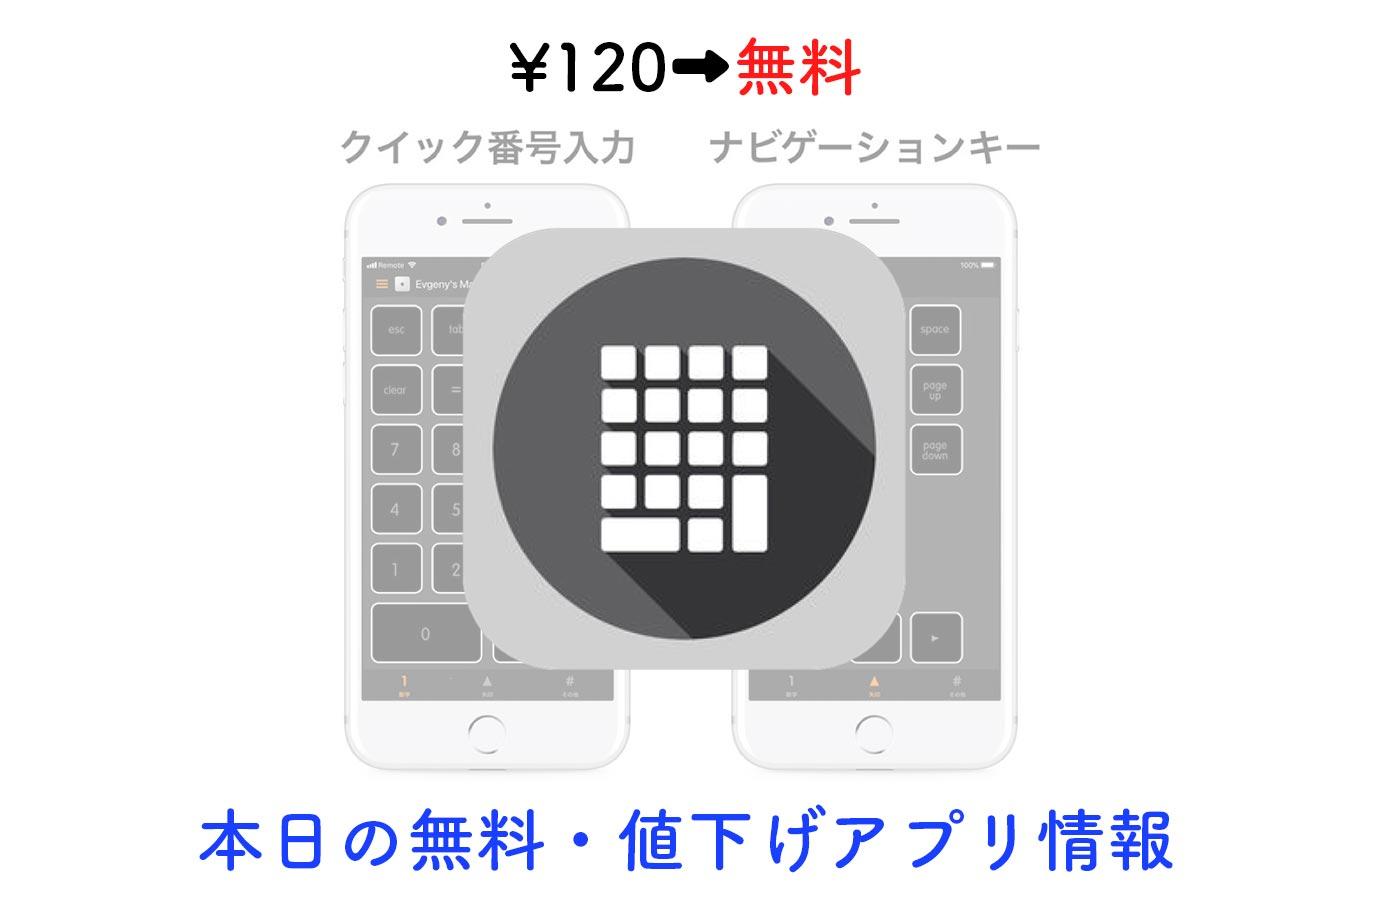 ¥120→無料、iPhoneをMacのテンキーとして使える「NumPad and KeyPad」など【11/28】本日の無料・値下げアプリ情報